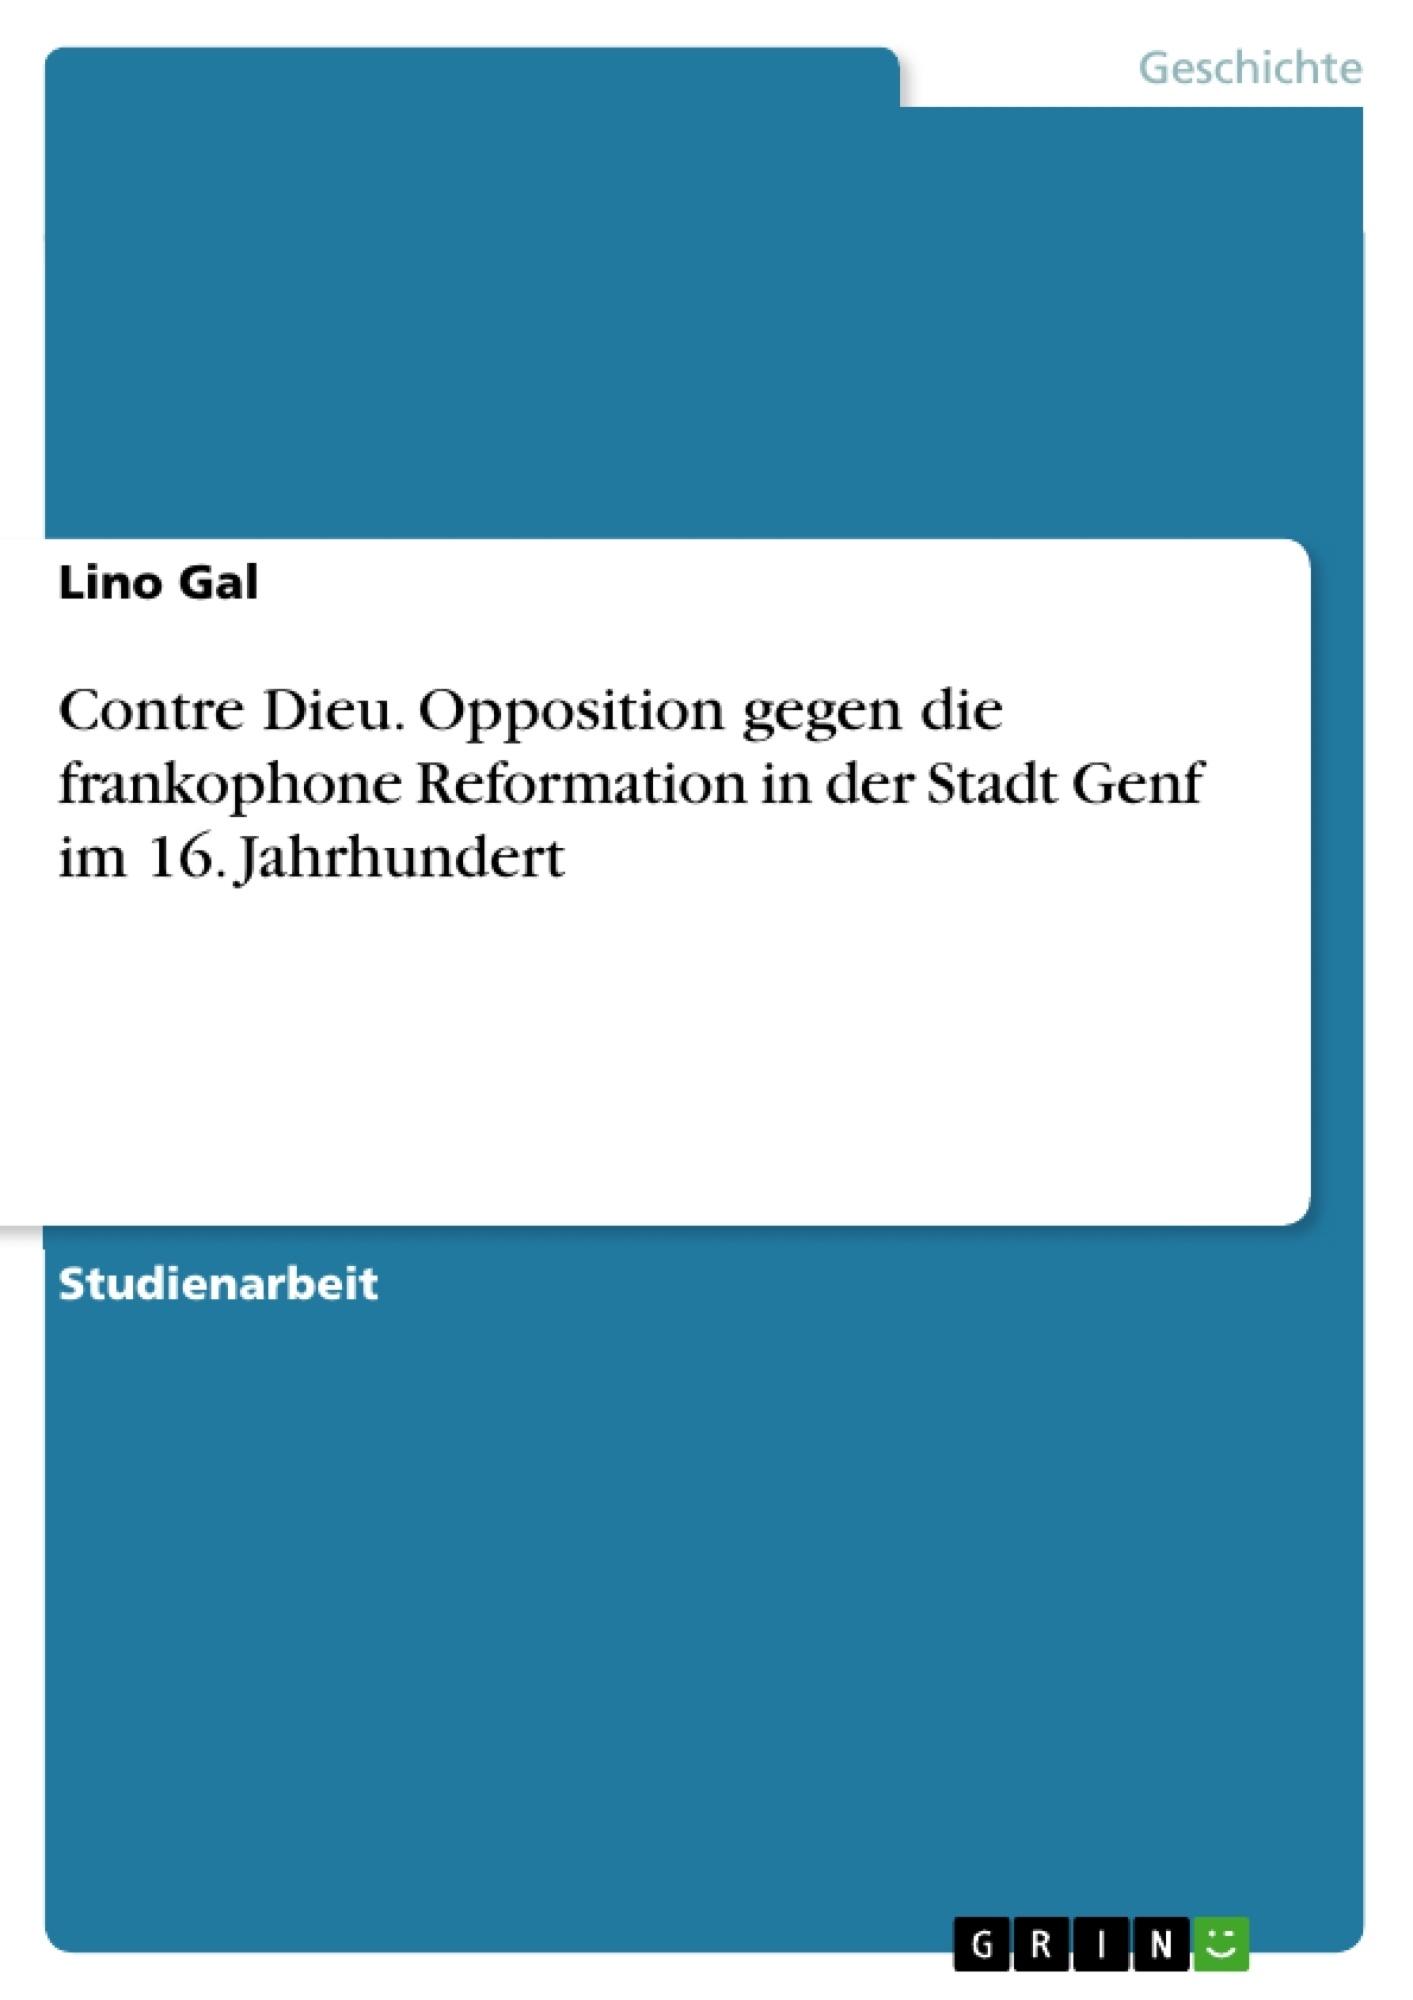 Titel: Contre Dieu. Opposition gegen die frankophone Reformation in der Stadt Genf im 16. Jahrhundert